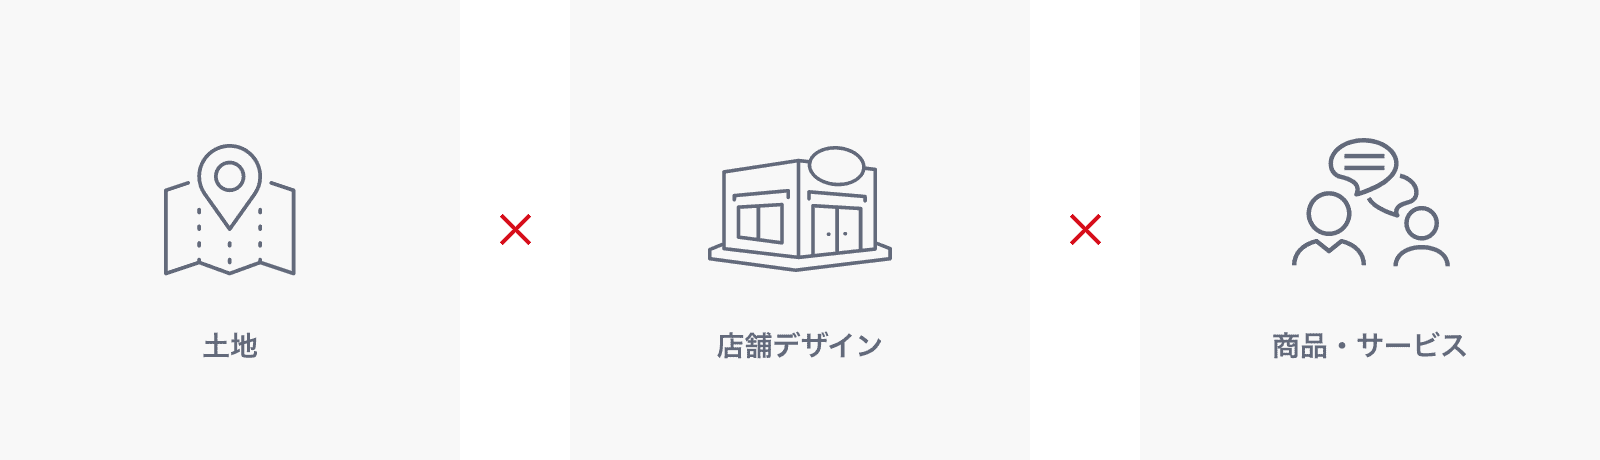 土地×店舗デザイン×商品・サービス